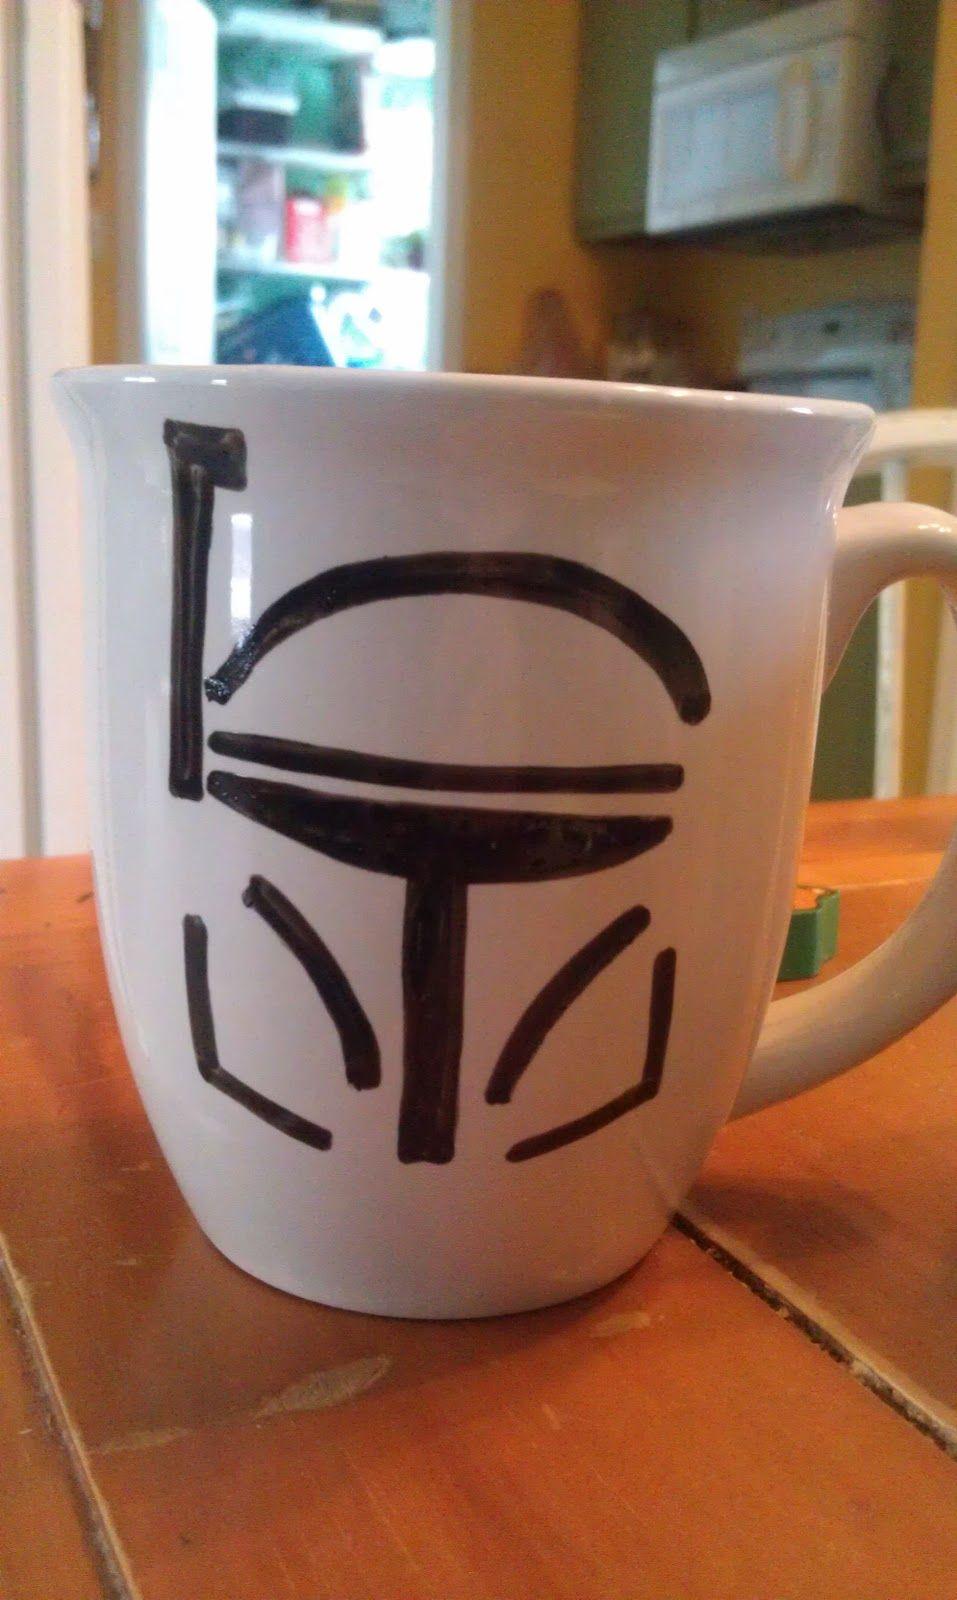 Star Wars Mugs...Boo Ya! $8 each